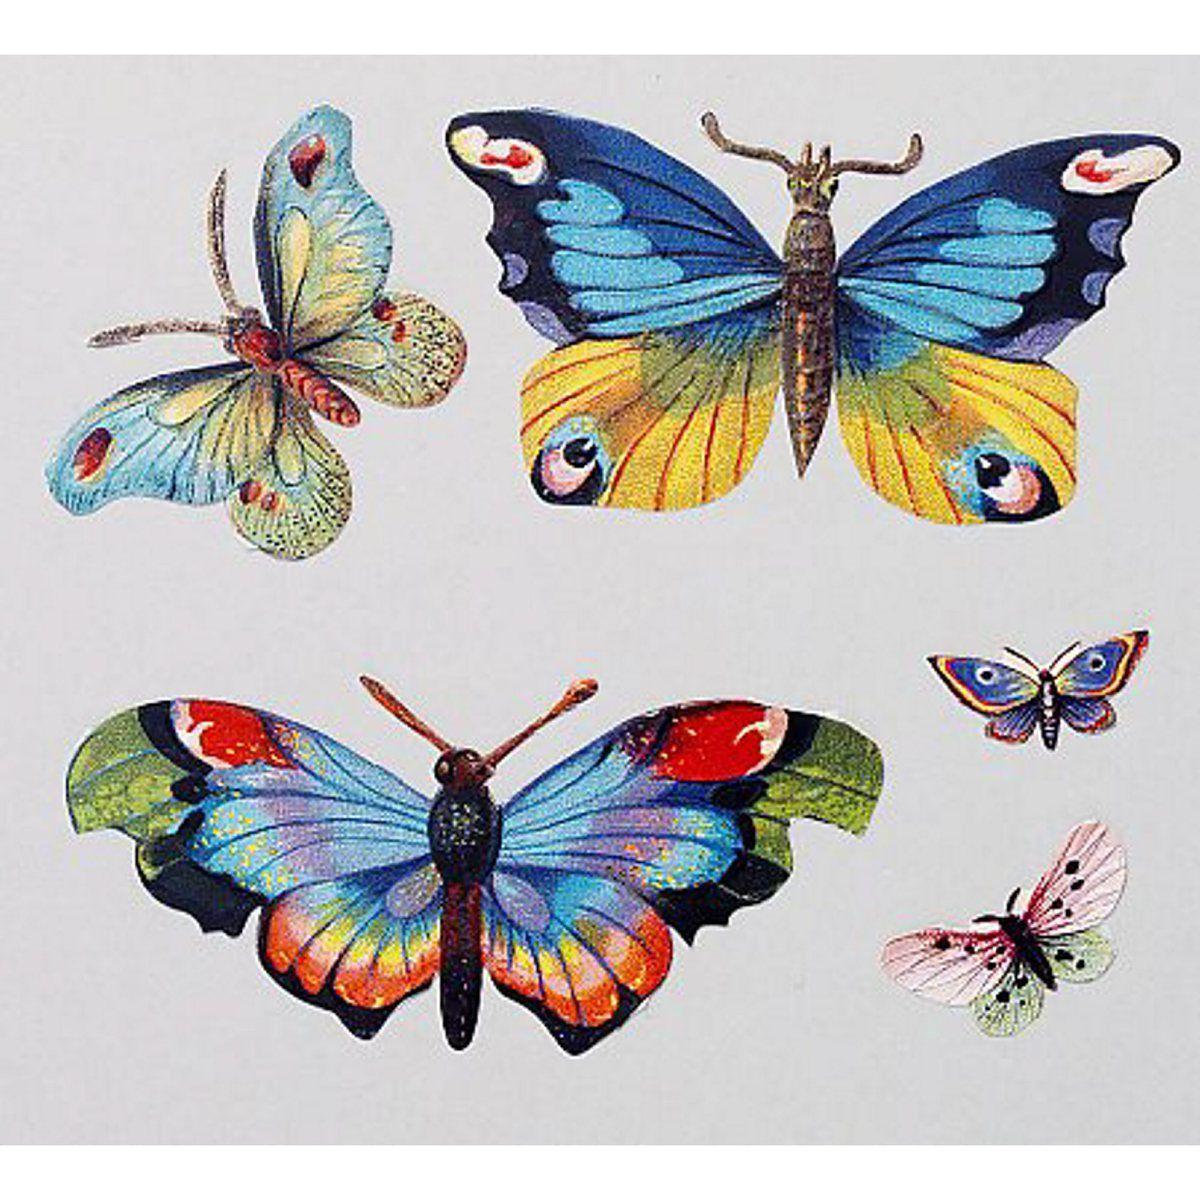 Panduro Hobby Glanzbilder Schmetterlinge Schmetterling Illustration Schmetterling Illustration Blume